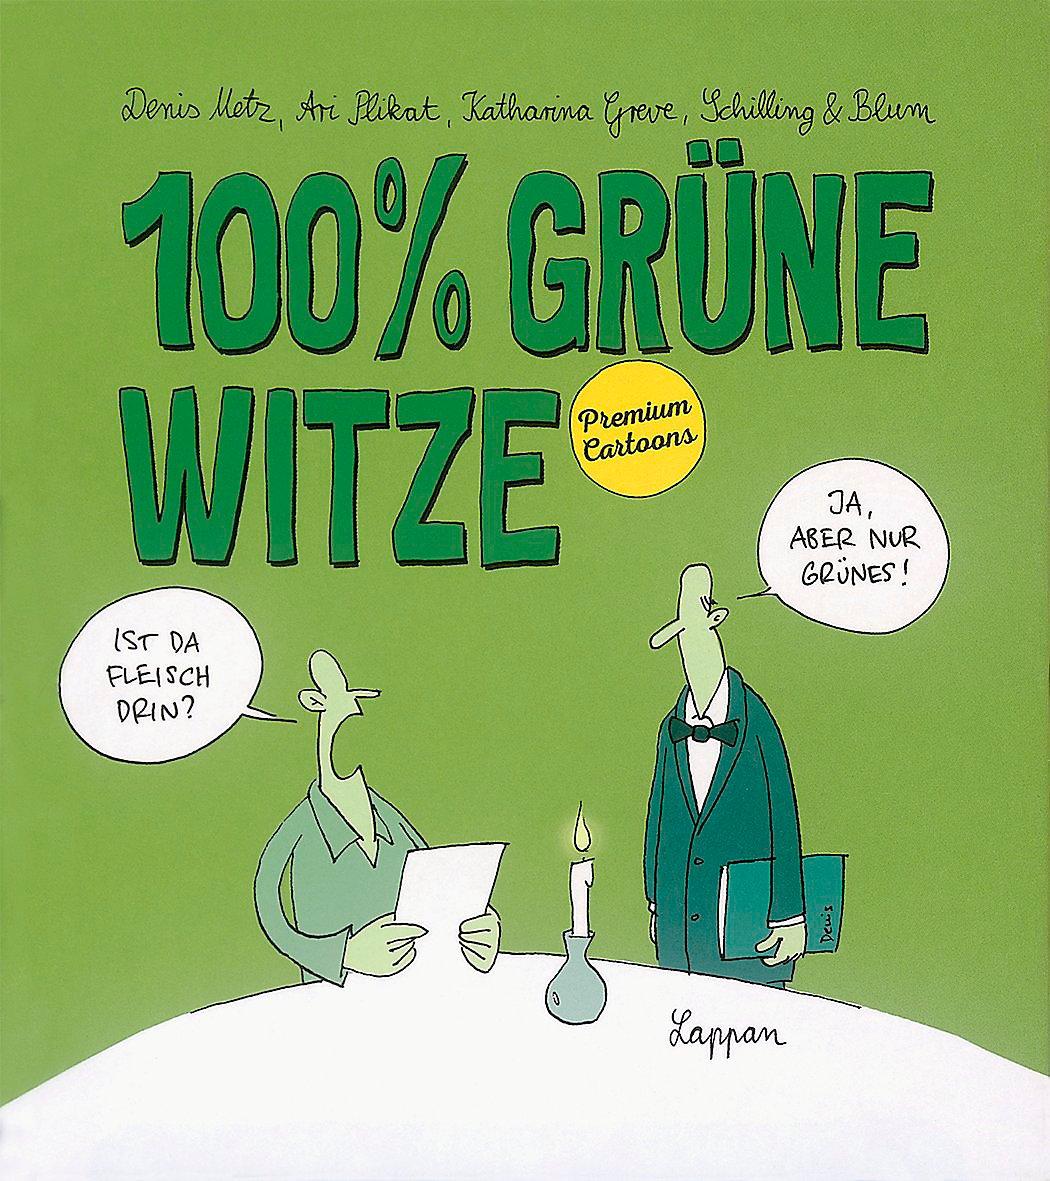 100% grüne Witze Buch von Denis Metz versandkostenfrei bei